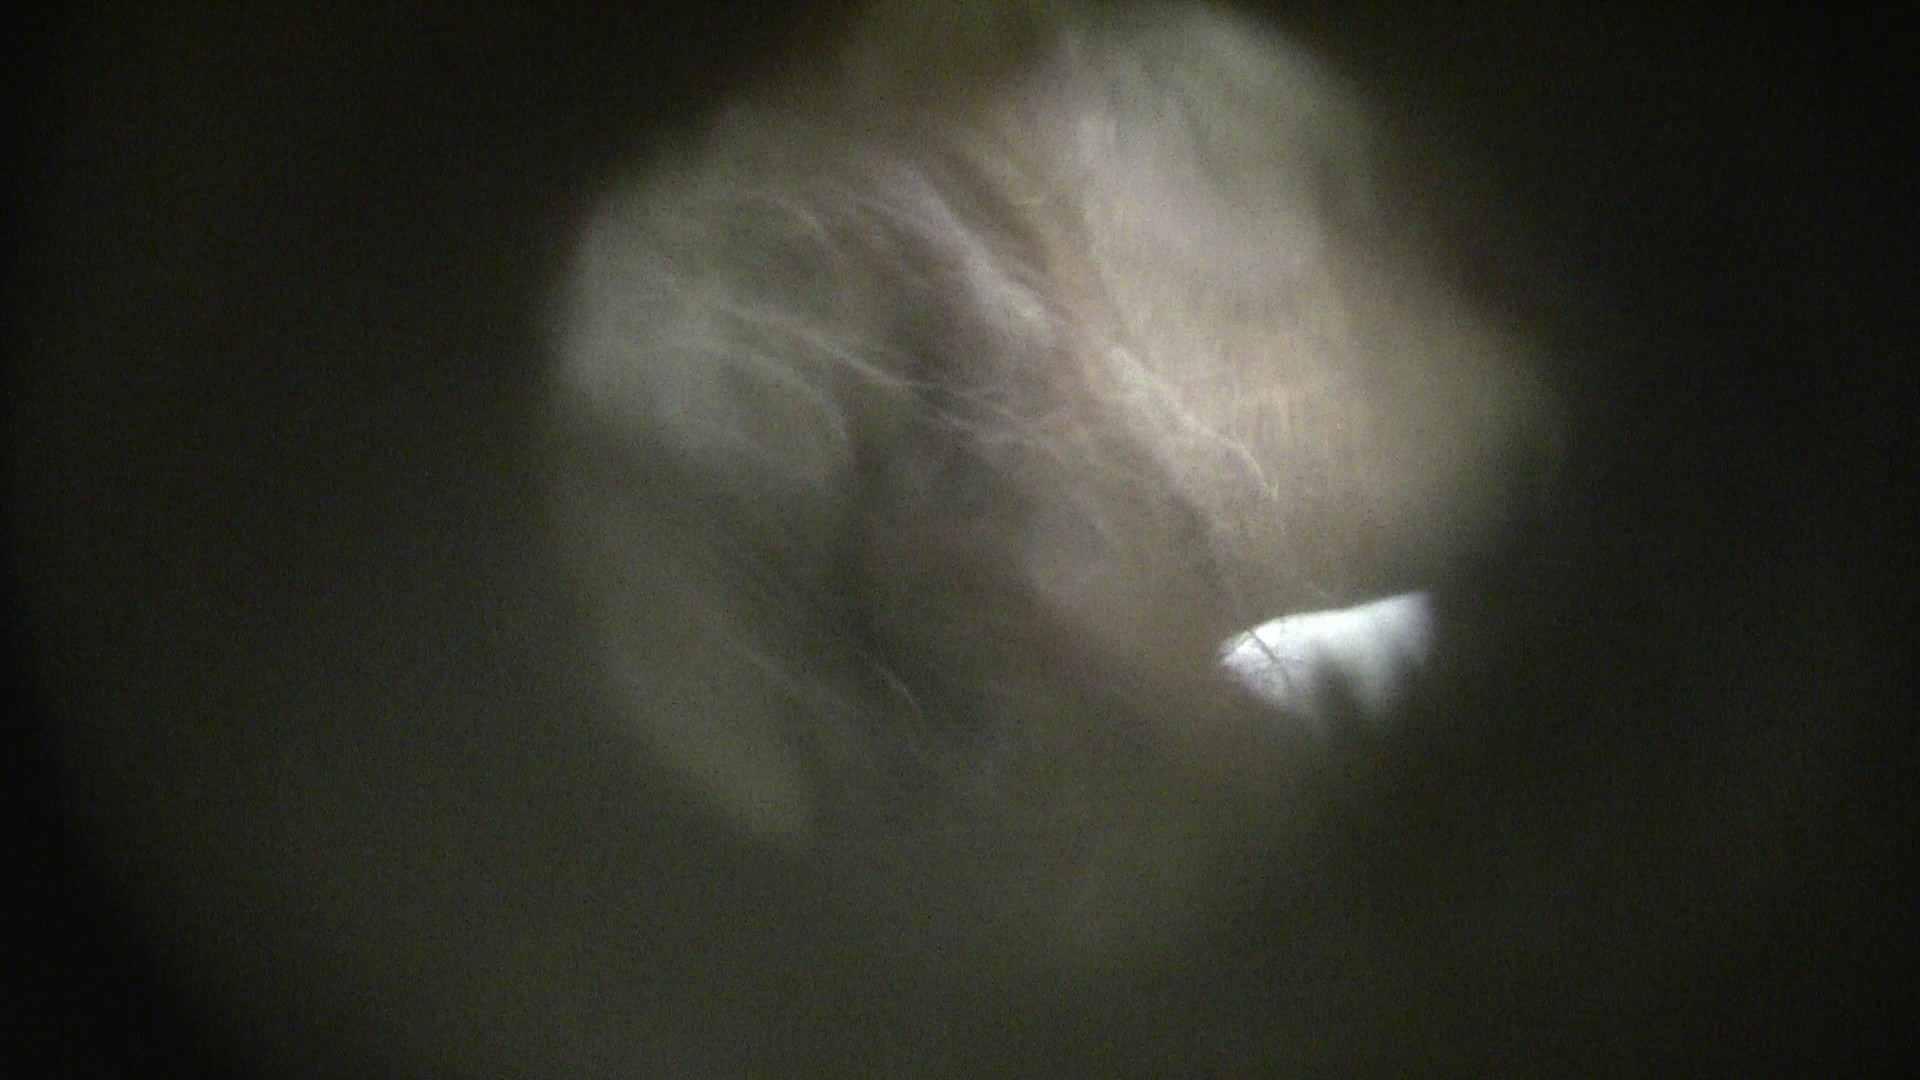 NO.07 短いのでサービス 臨場感をお楽しみください!! シャワー室  78画像 55